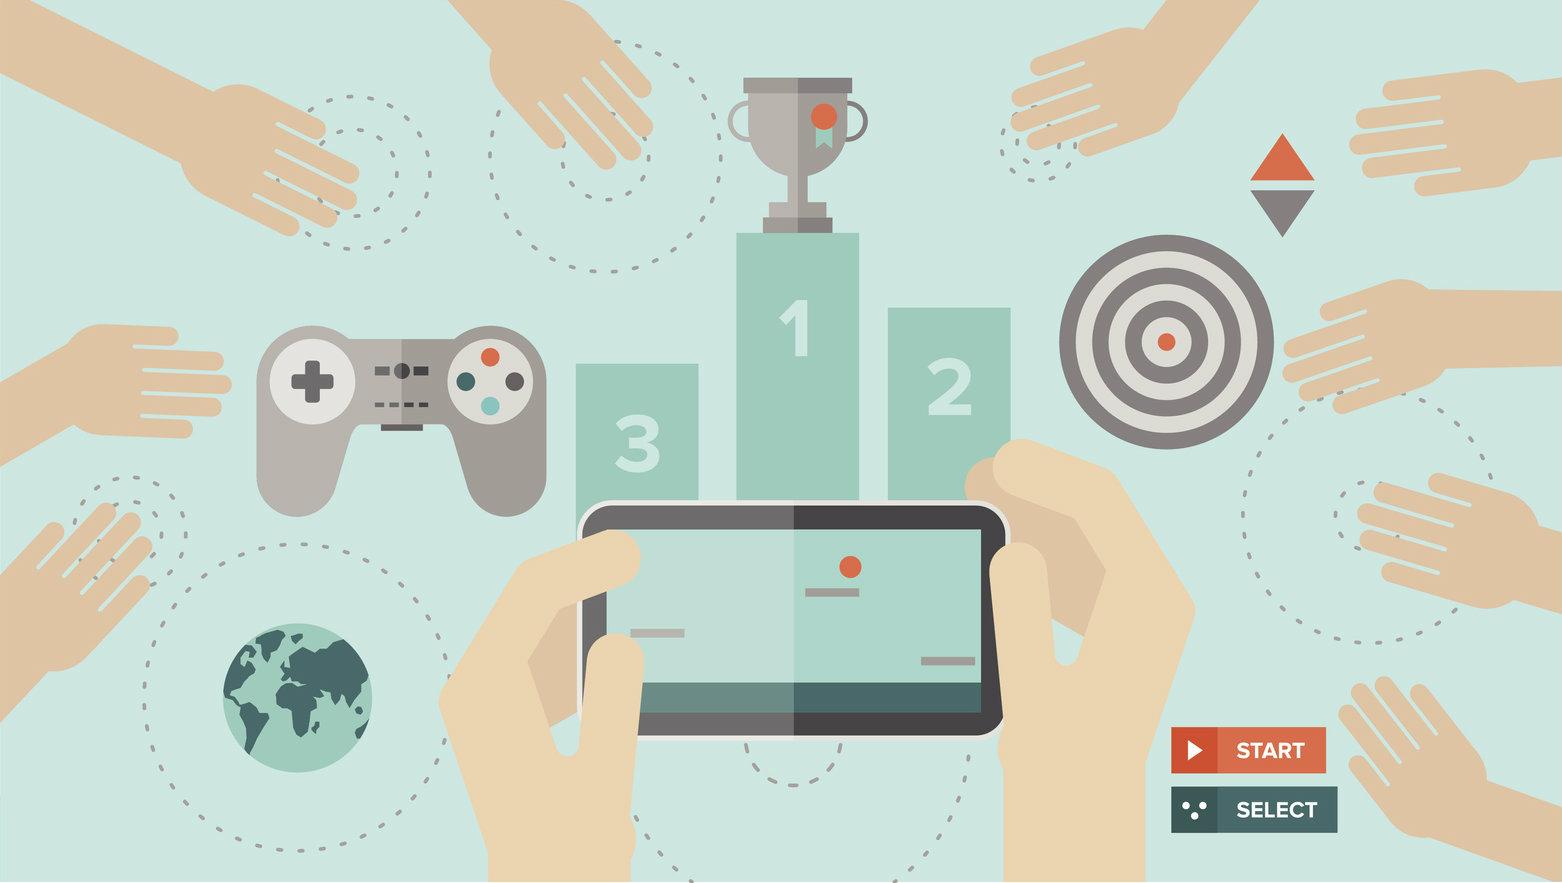 Quer aumentar o engajamento dos clientes com sua marca? Veja agora como a gamificação pode ajudá-lo nisso!